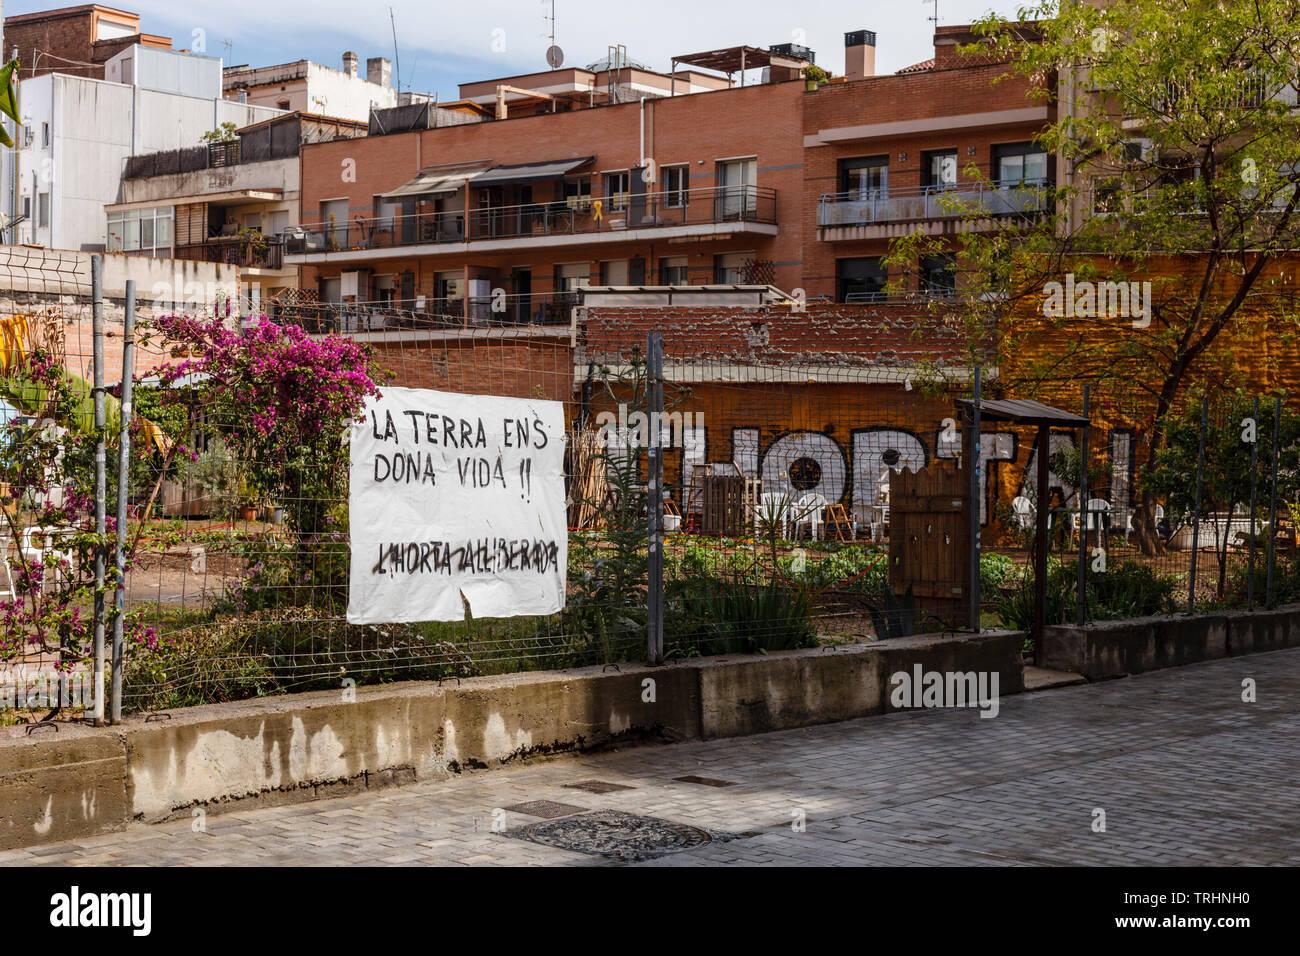 L'Horta Liberada de Sants, einem städtischen Garten von den lokalen Bewohnern zurückgefordert Stockbild